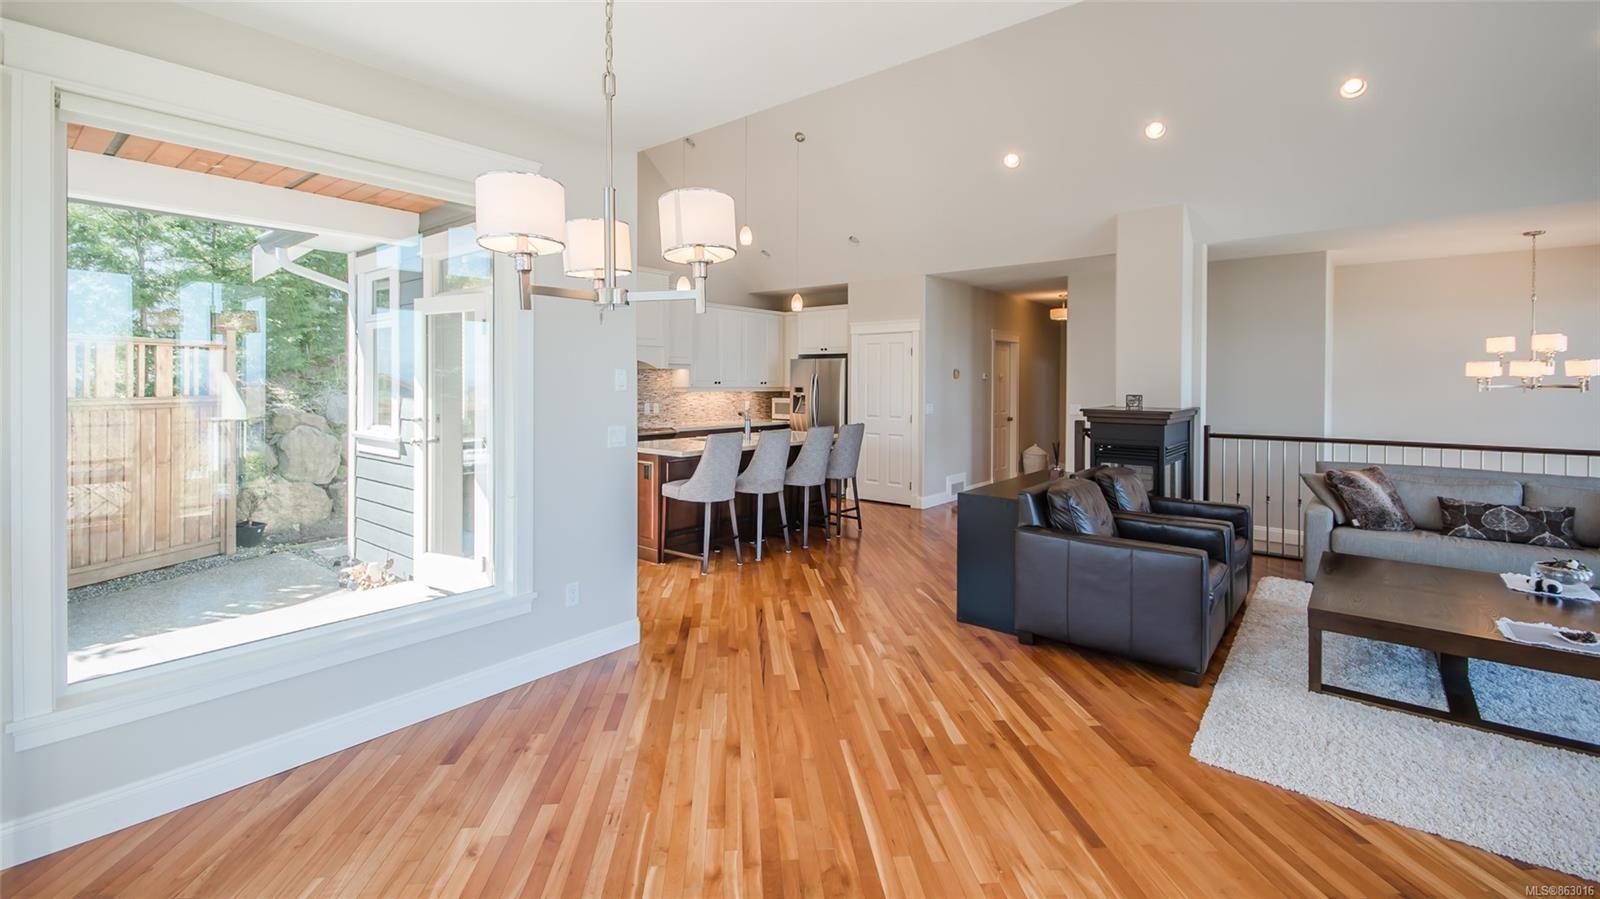 Photo 16: Photos: 5361 Laguna Way in : Na North Nanaimo House for sale (Nanaimo)  : MLS®# 863016